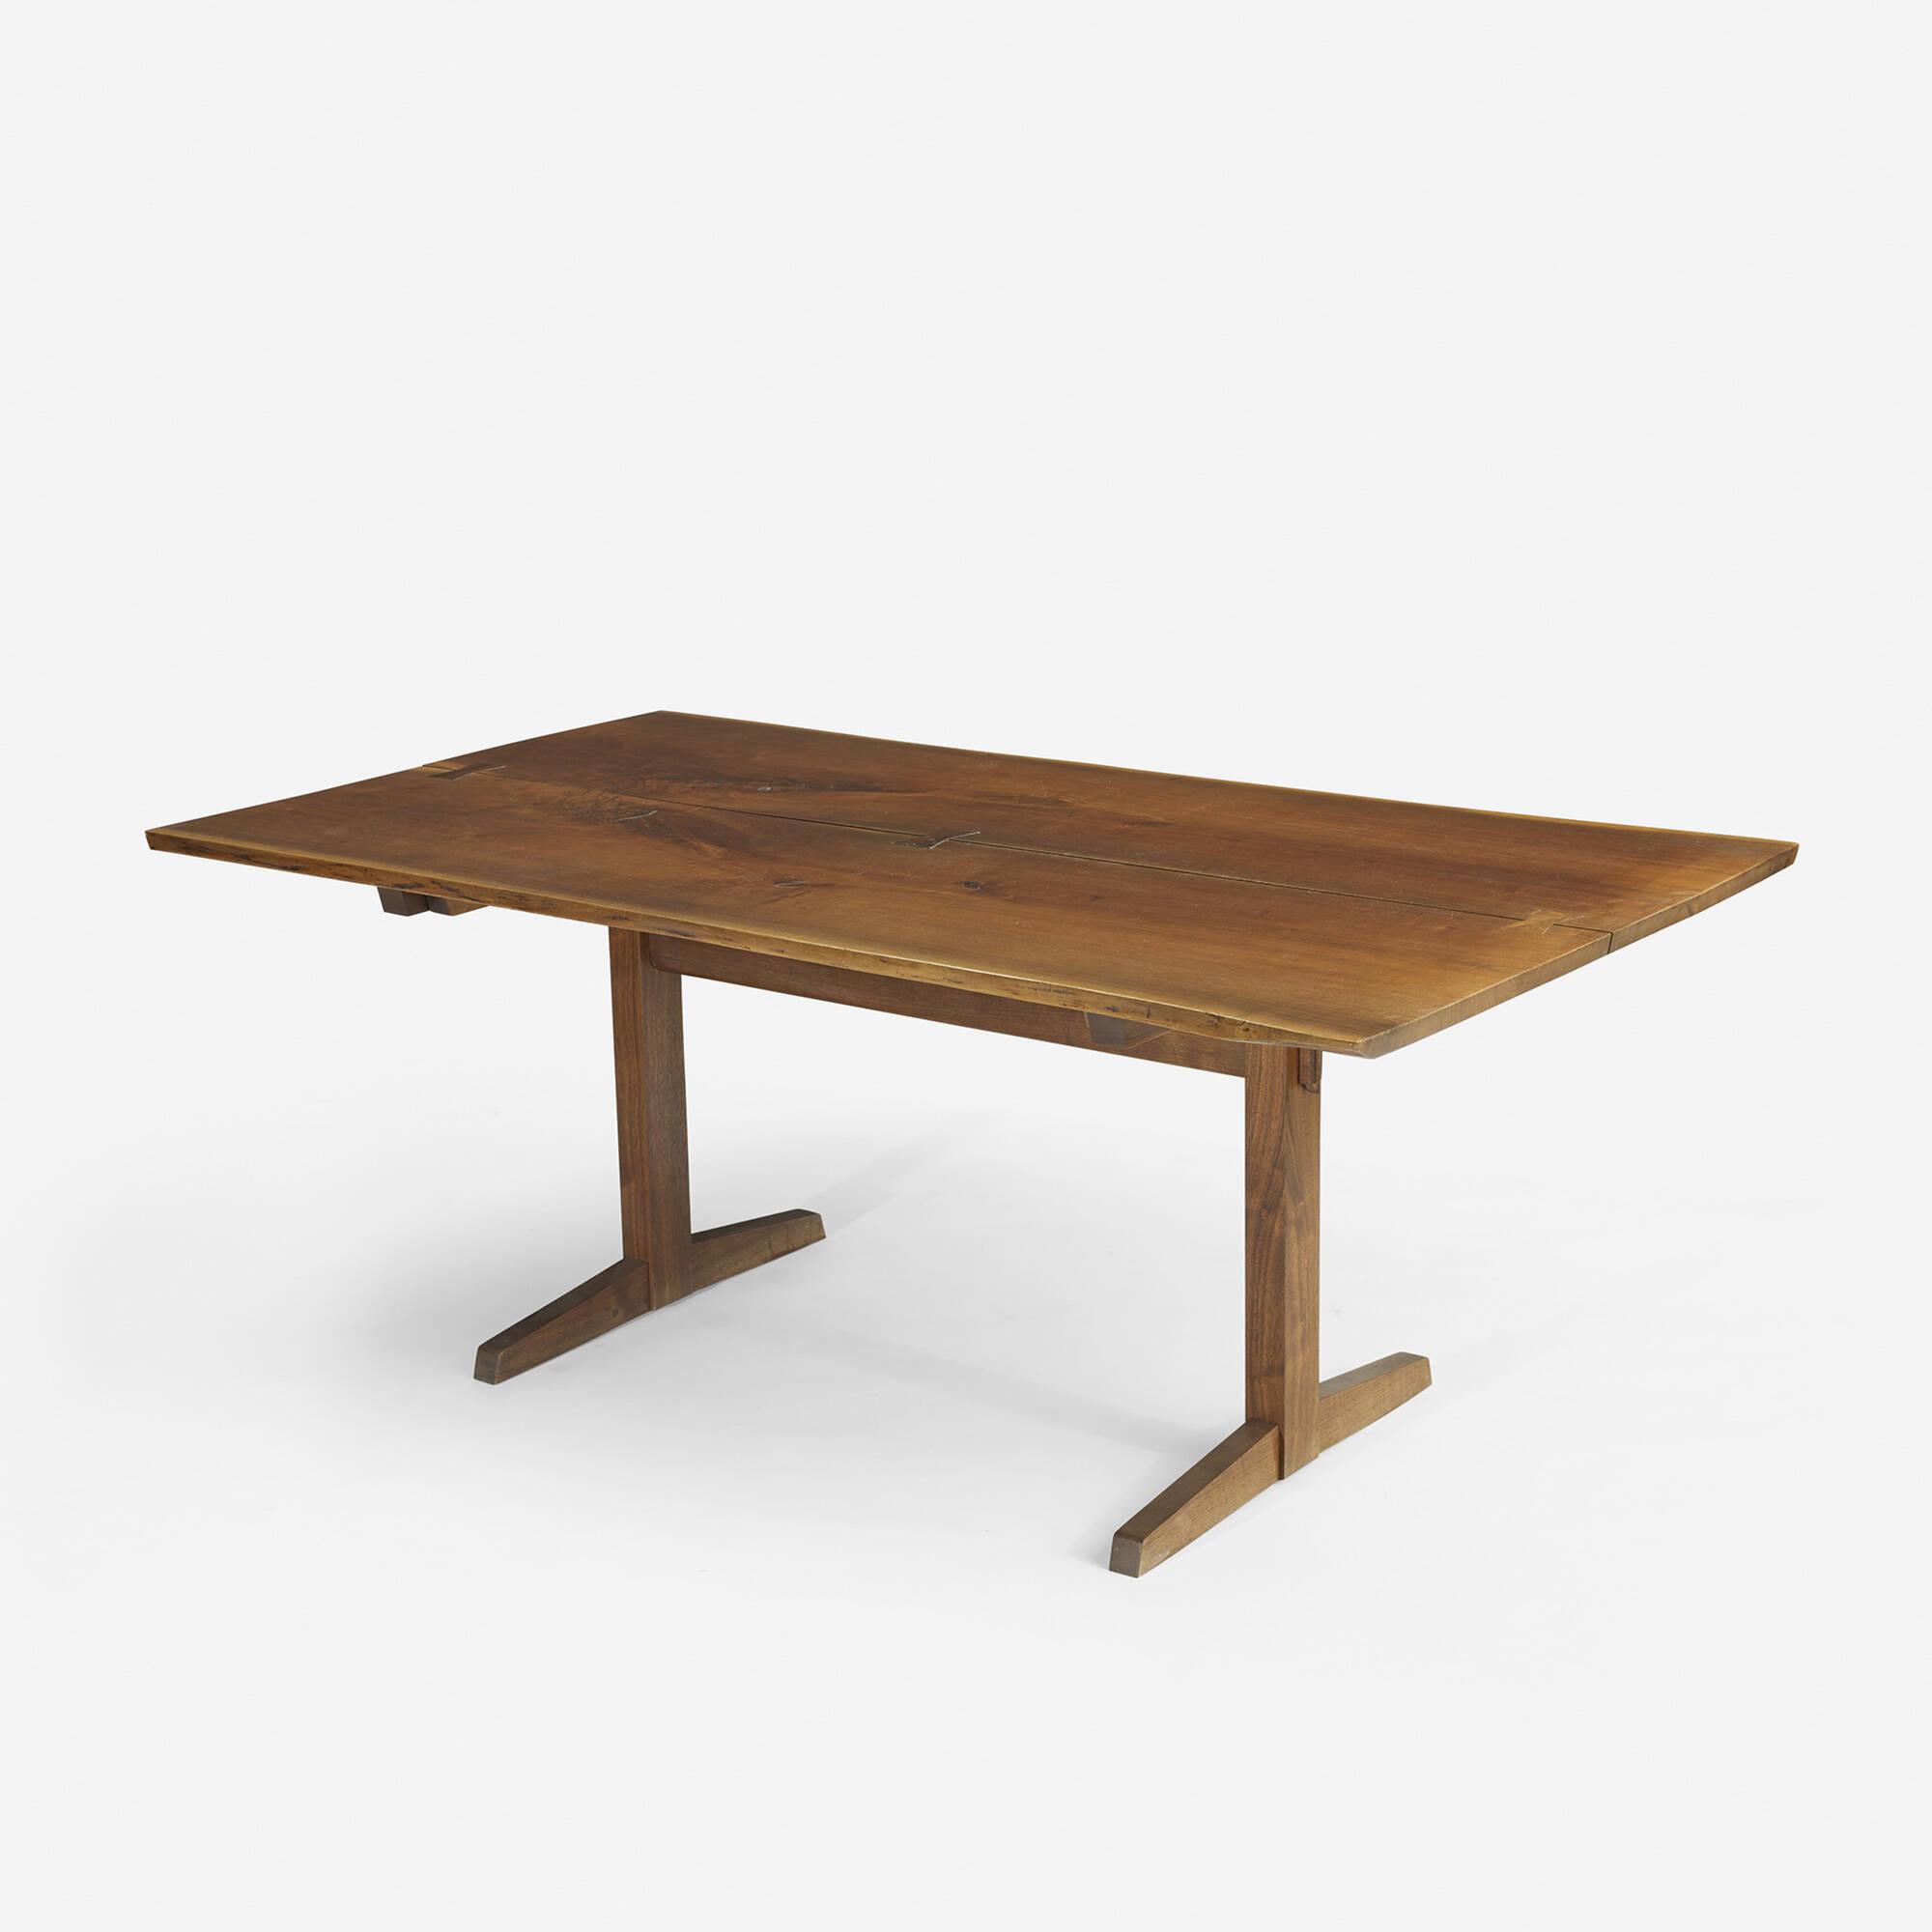 156: George Nakashima / Trestle Dining Table (1 Of 4)